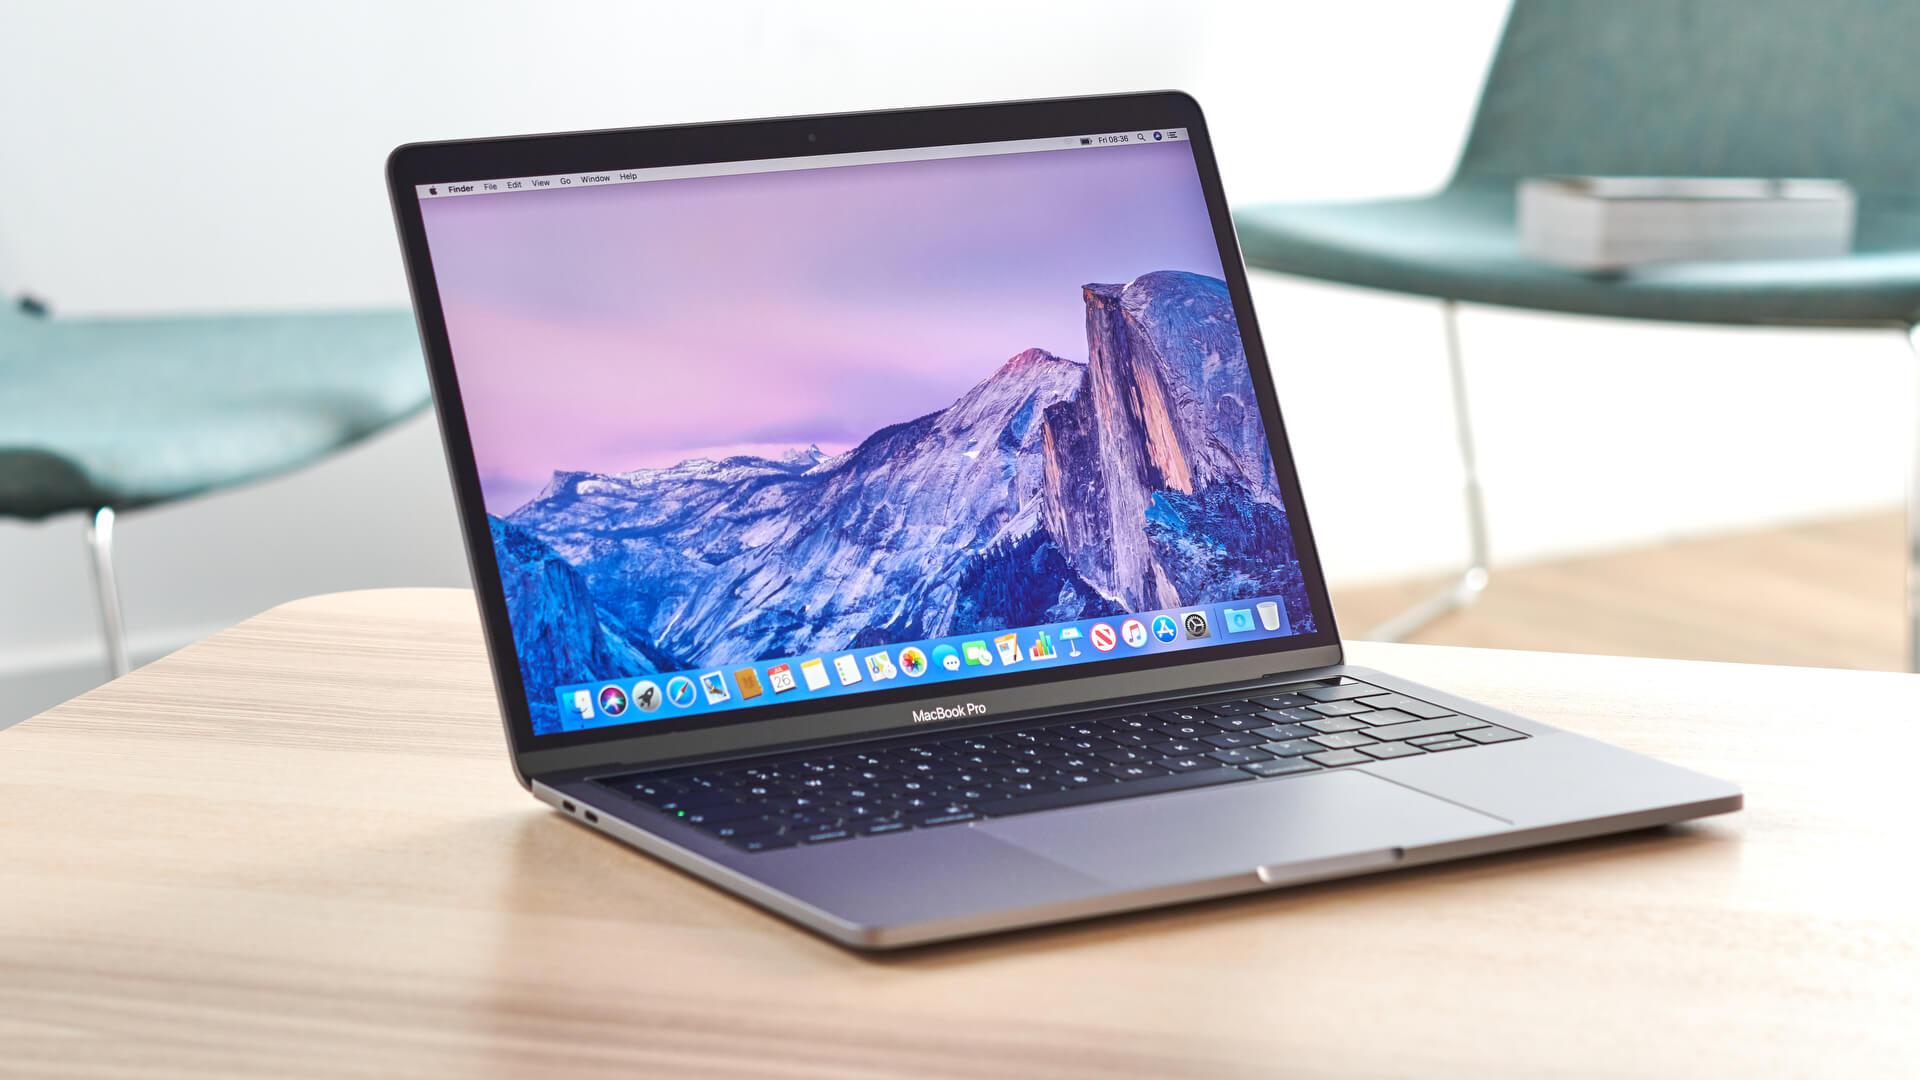 داغ شدن لپ تاپ و راههای خنک شدن آن